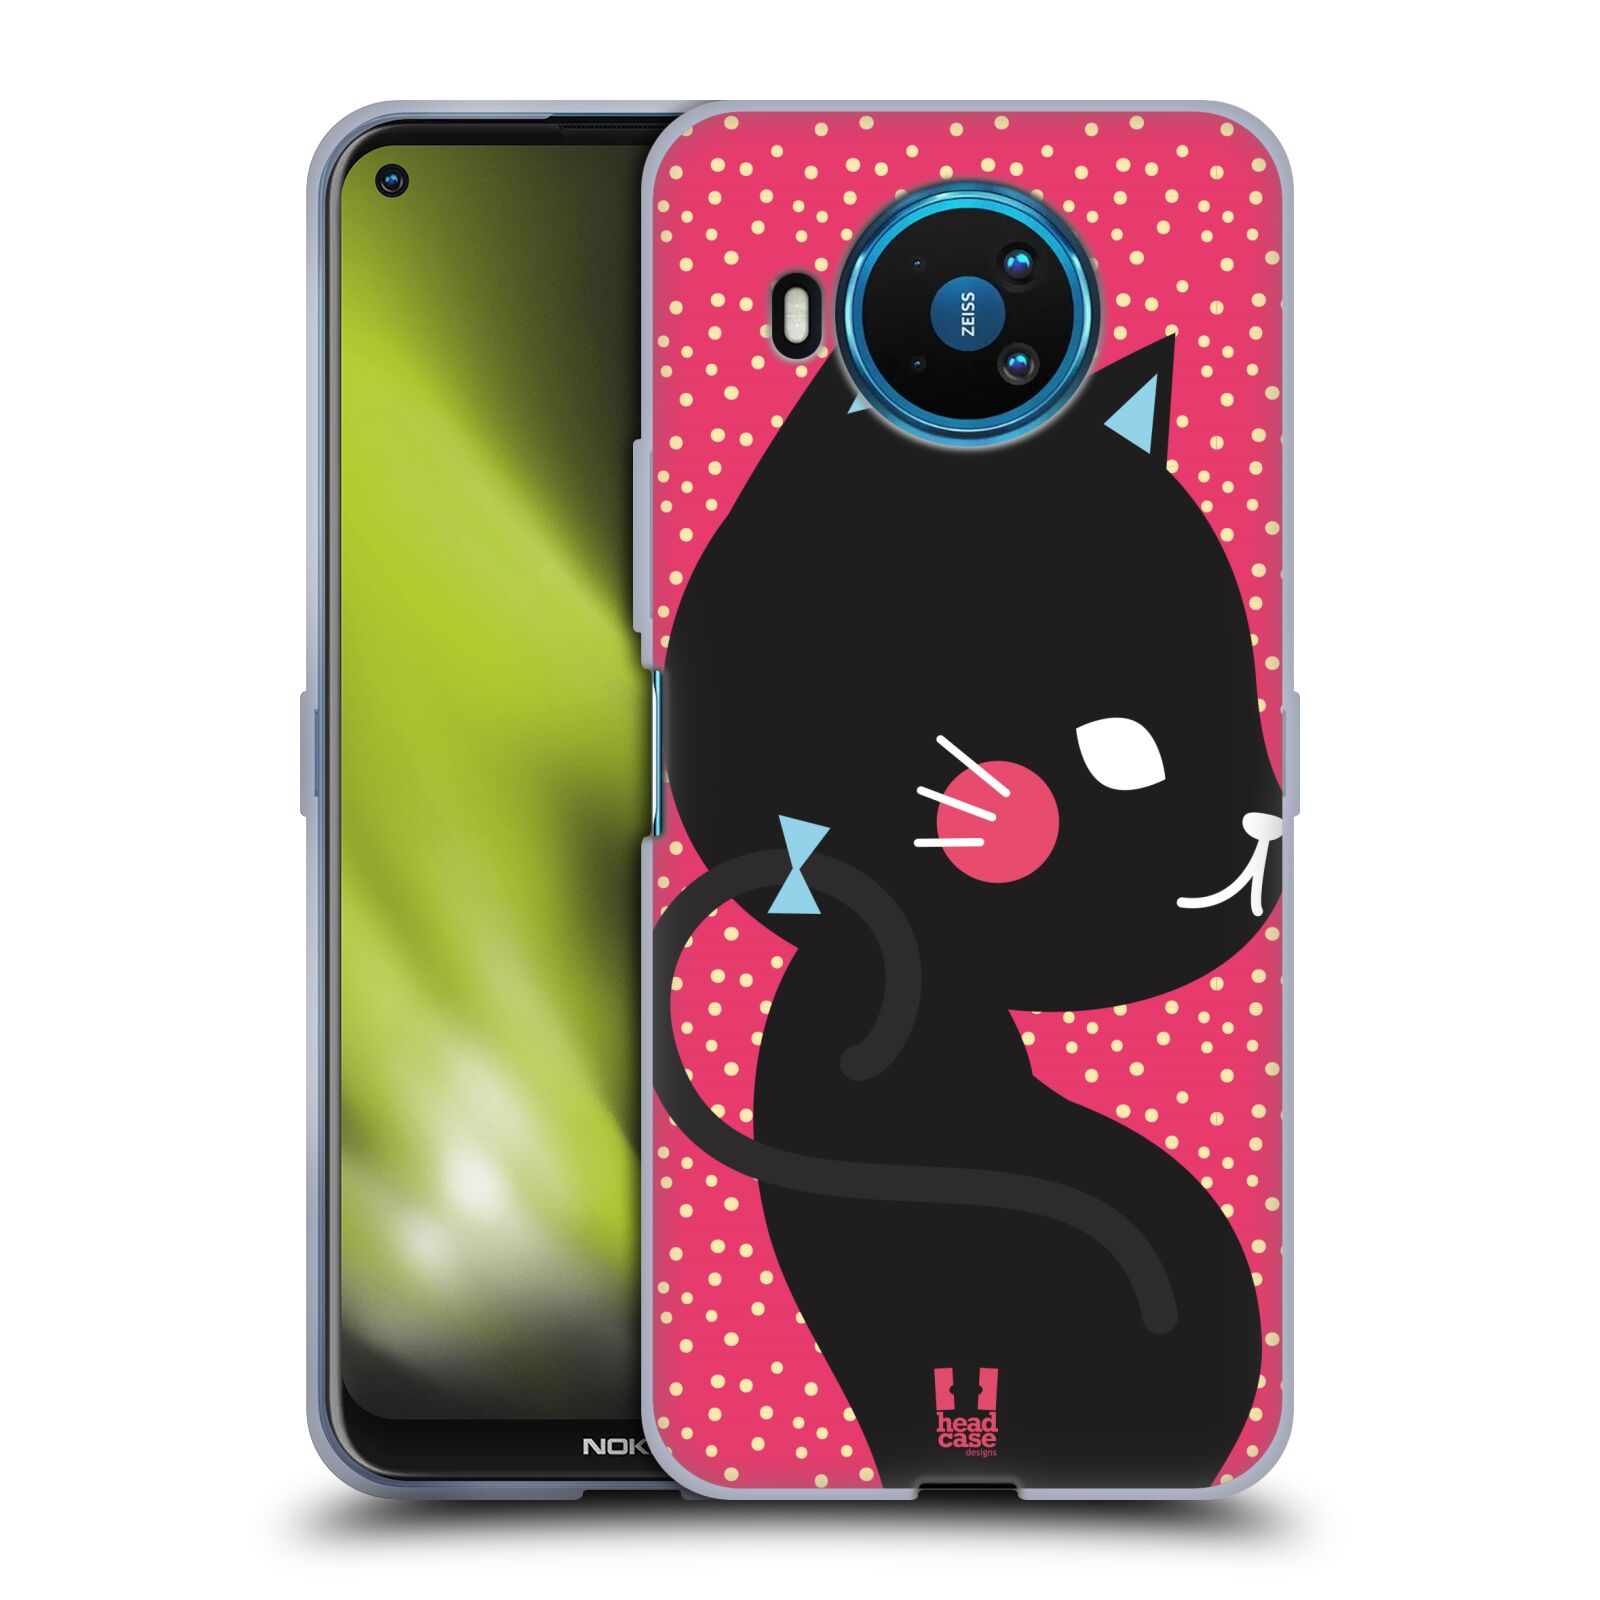 Silikonové pouzdro na mobil Nokia 8.3 5G - Head Case - KOČIČKA Černá NA RŮŽOVÉ